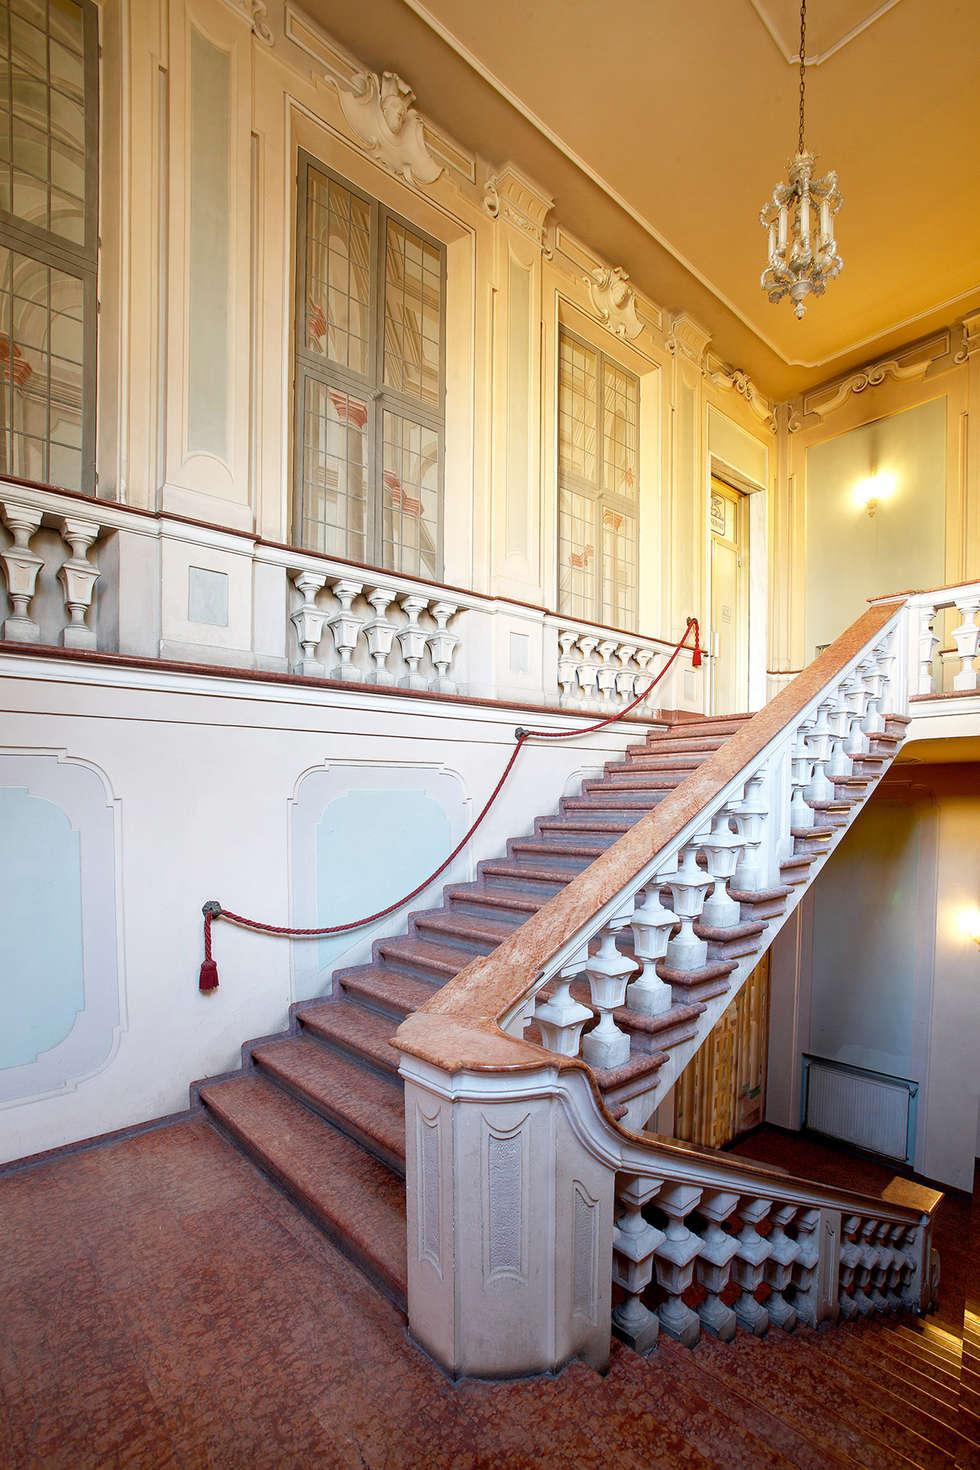 DOSER PALAZZO SORMANI Alcune immagini dello splendido palazzo restaurato a Reggio Emilia: Ingresso & Corridoio in stile  di Doser S.p.A.